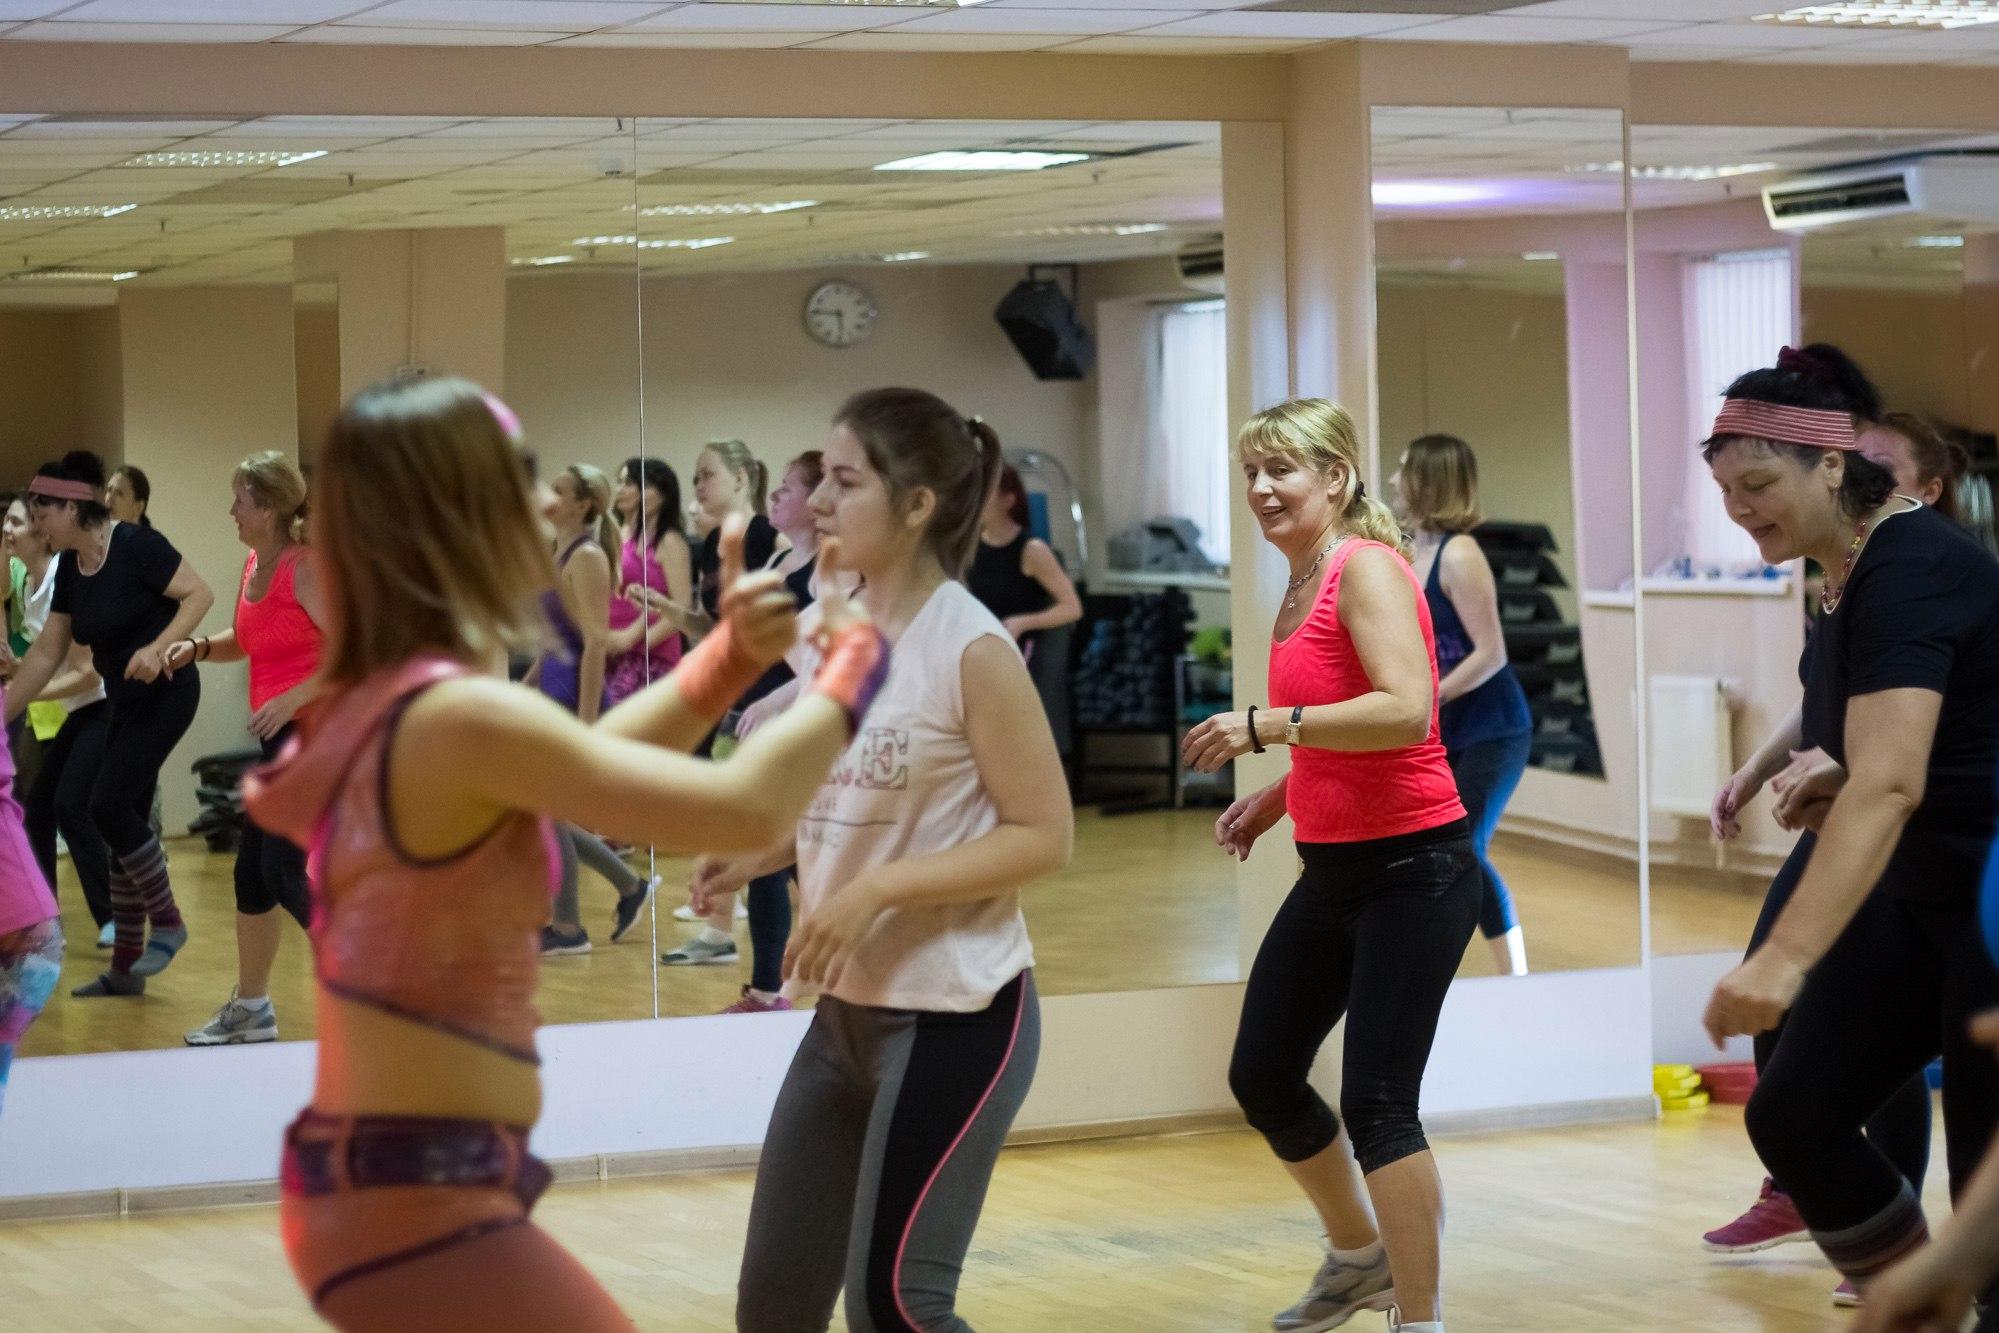 Скидки на занятия танцами для детей и взрослых